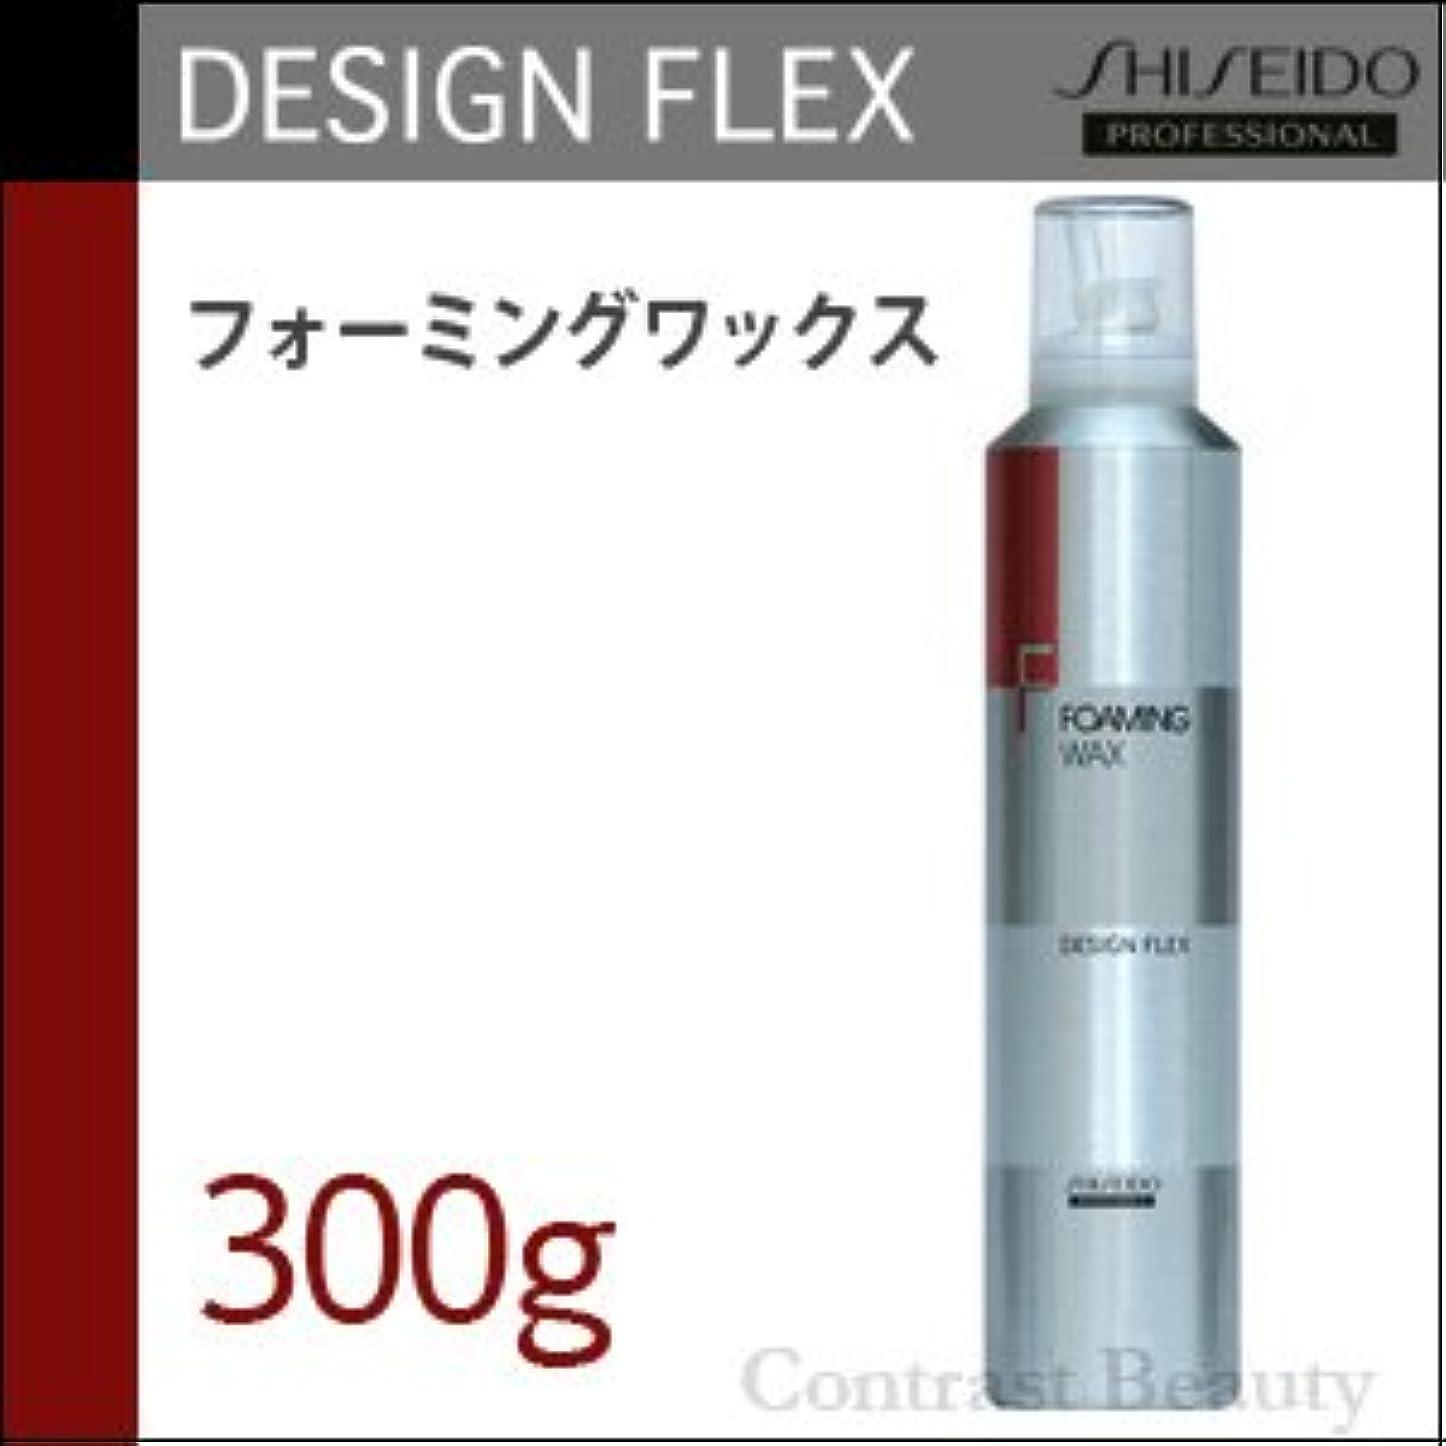 ハプニング入浴ぶら下がる【x2個セット】 資生堂 デザインフレックス フォーミングワックス 300g